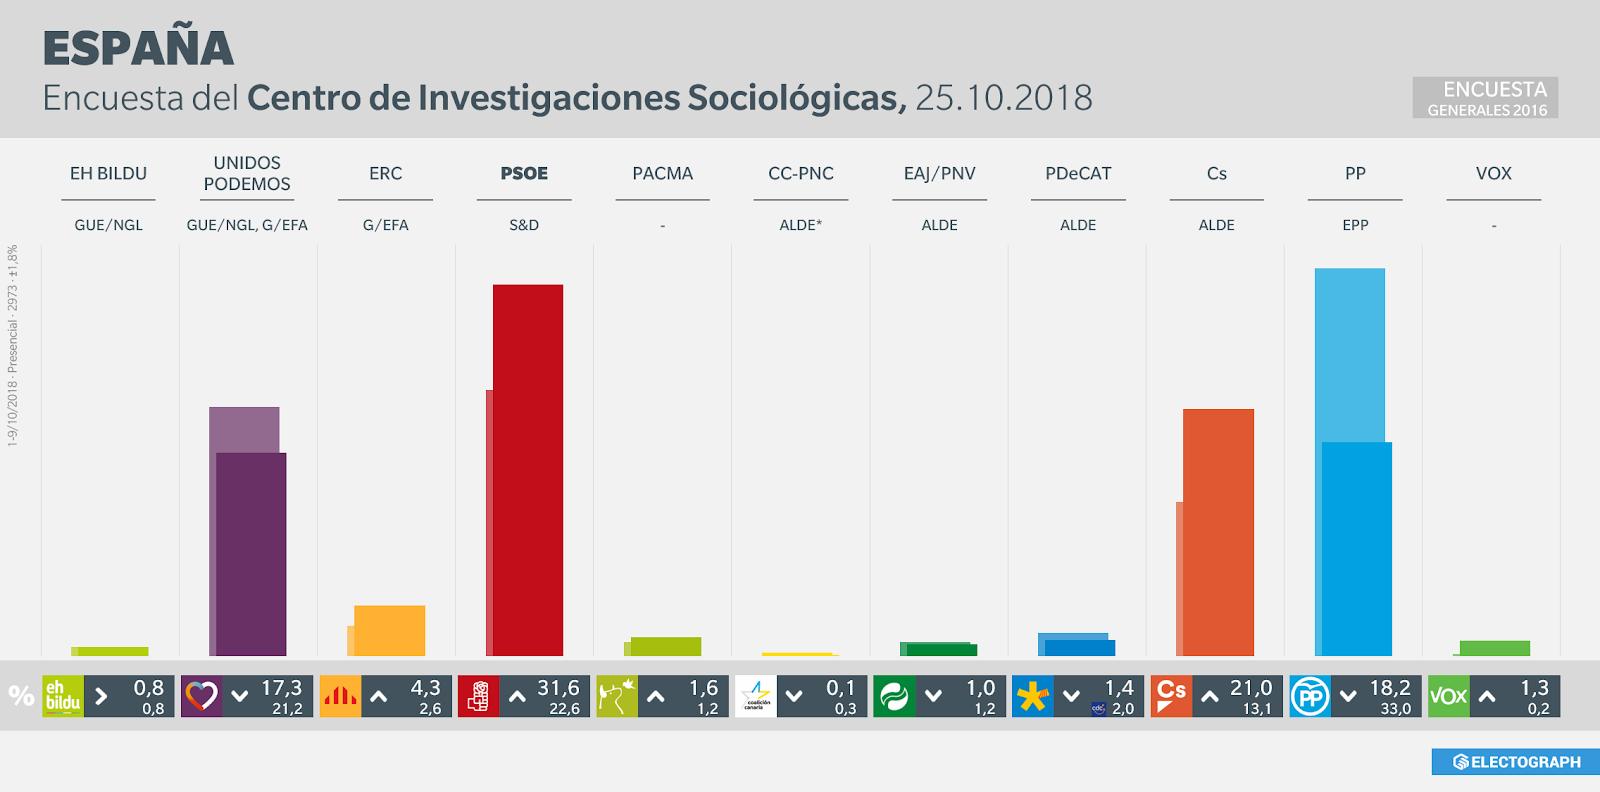 Gráfico de la encuesta para elecciones generales en España realizada por el CIS en octubre de 2018